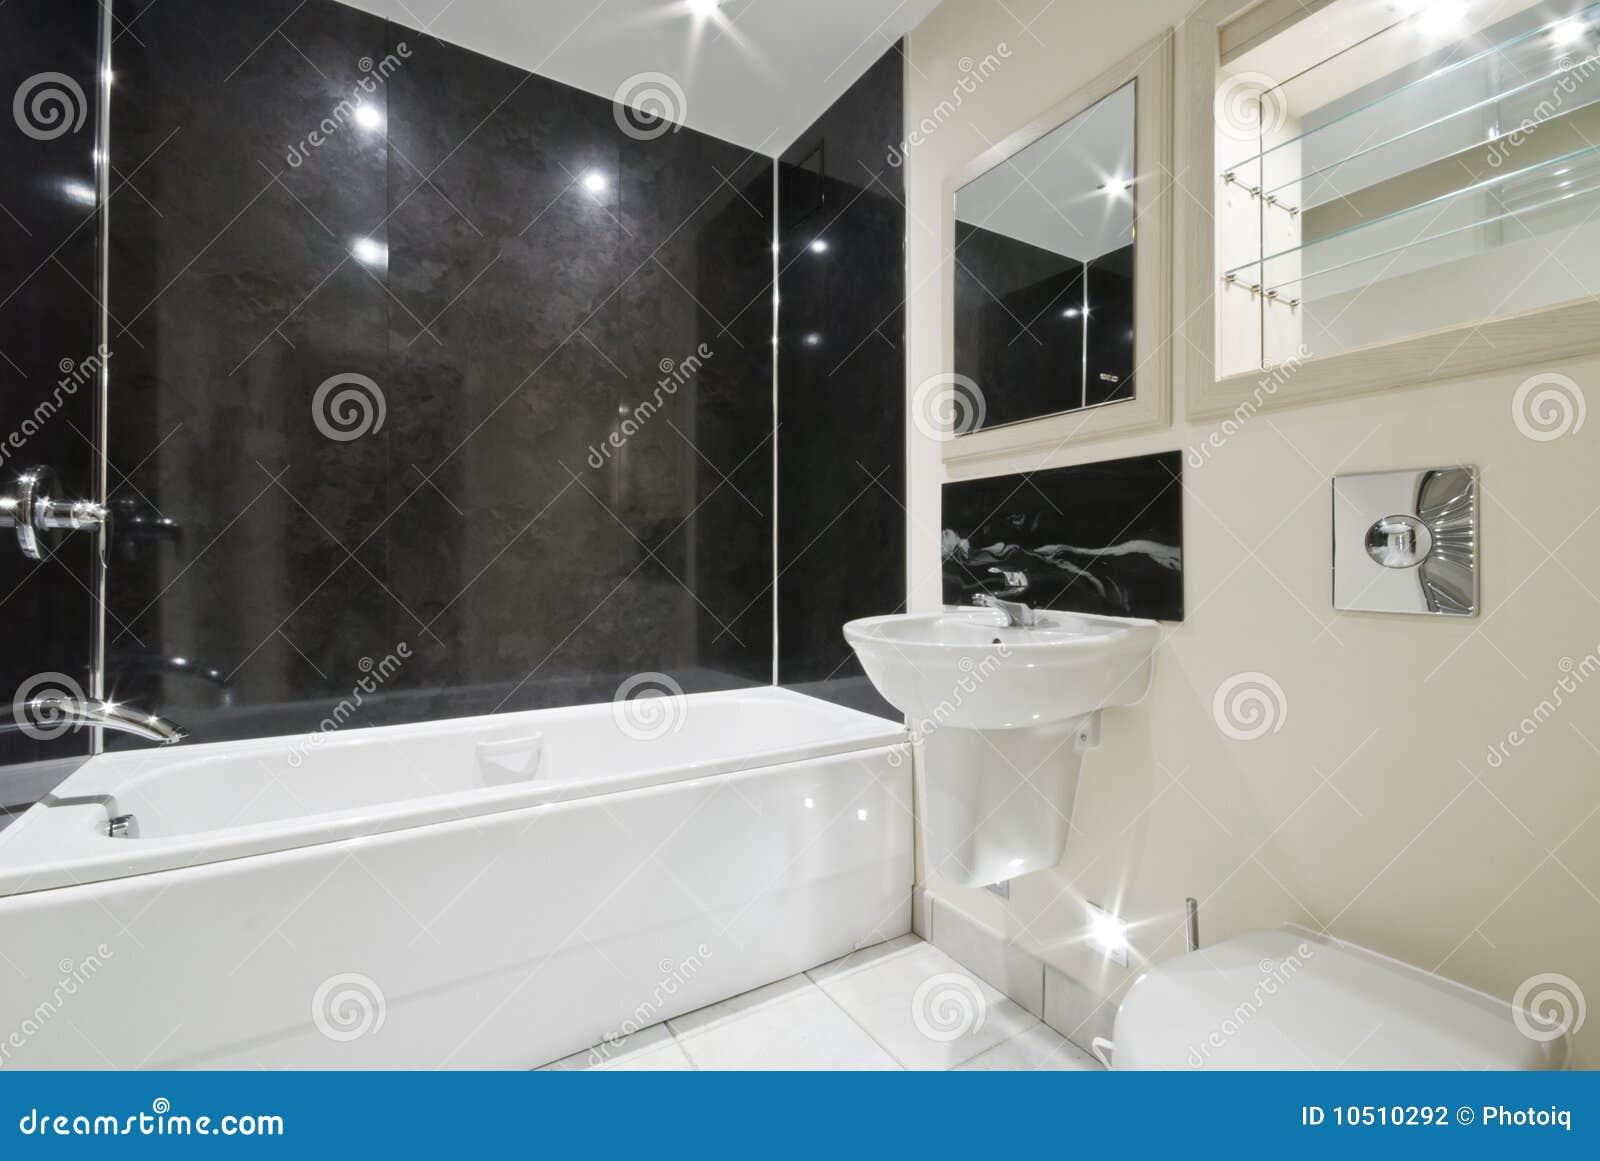 Mattonelle per bagno moderno cool pavimenti bagno mattonelle e